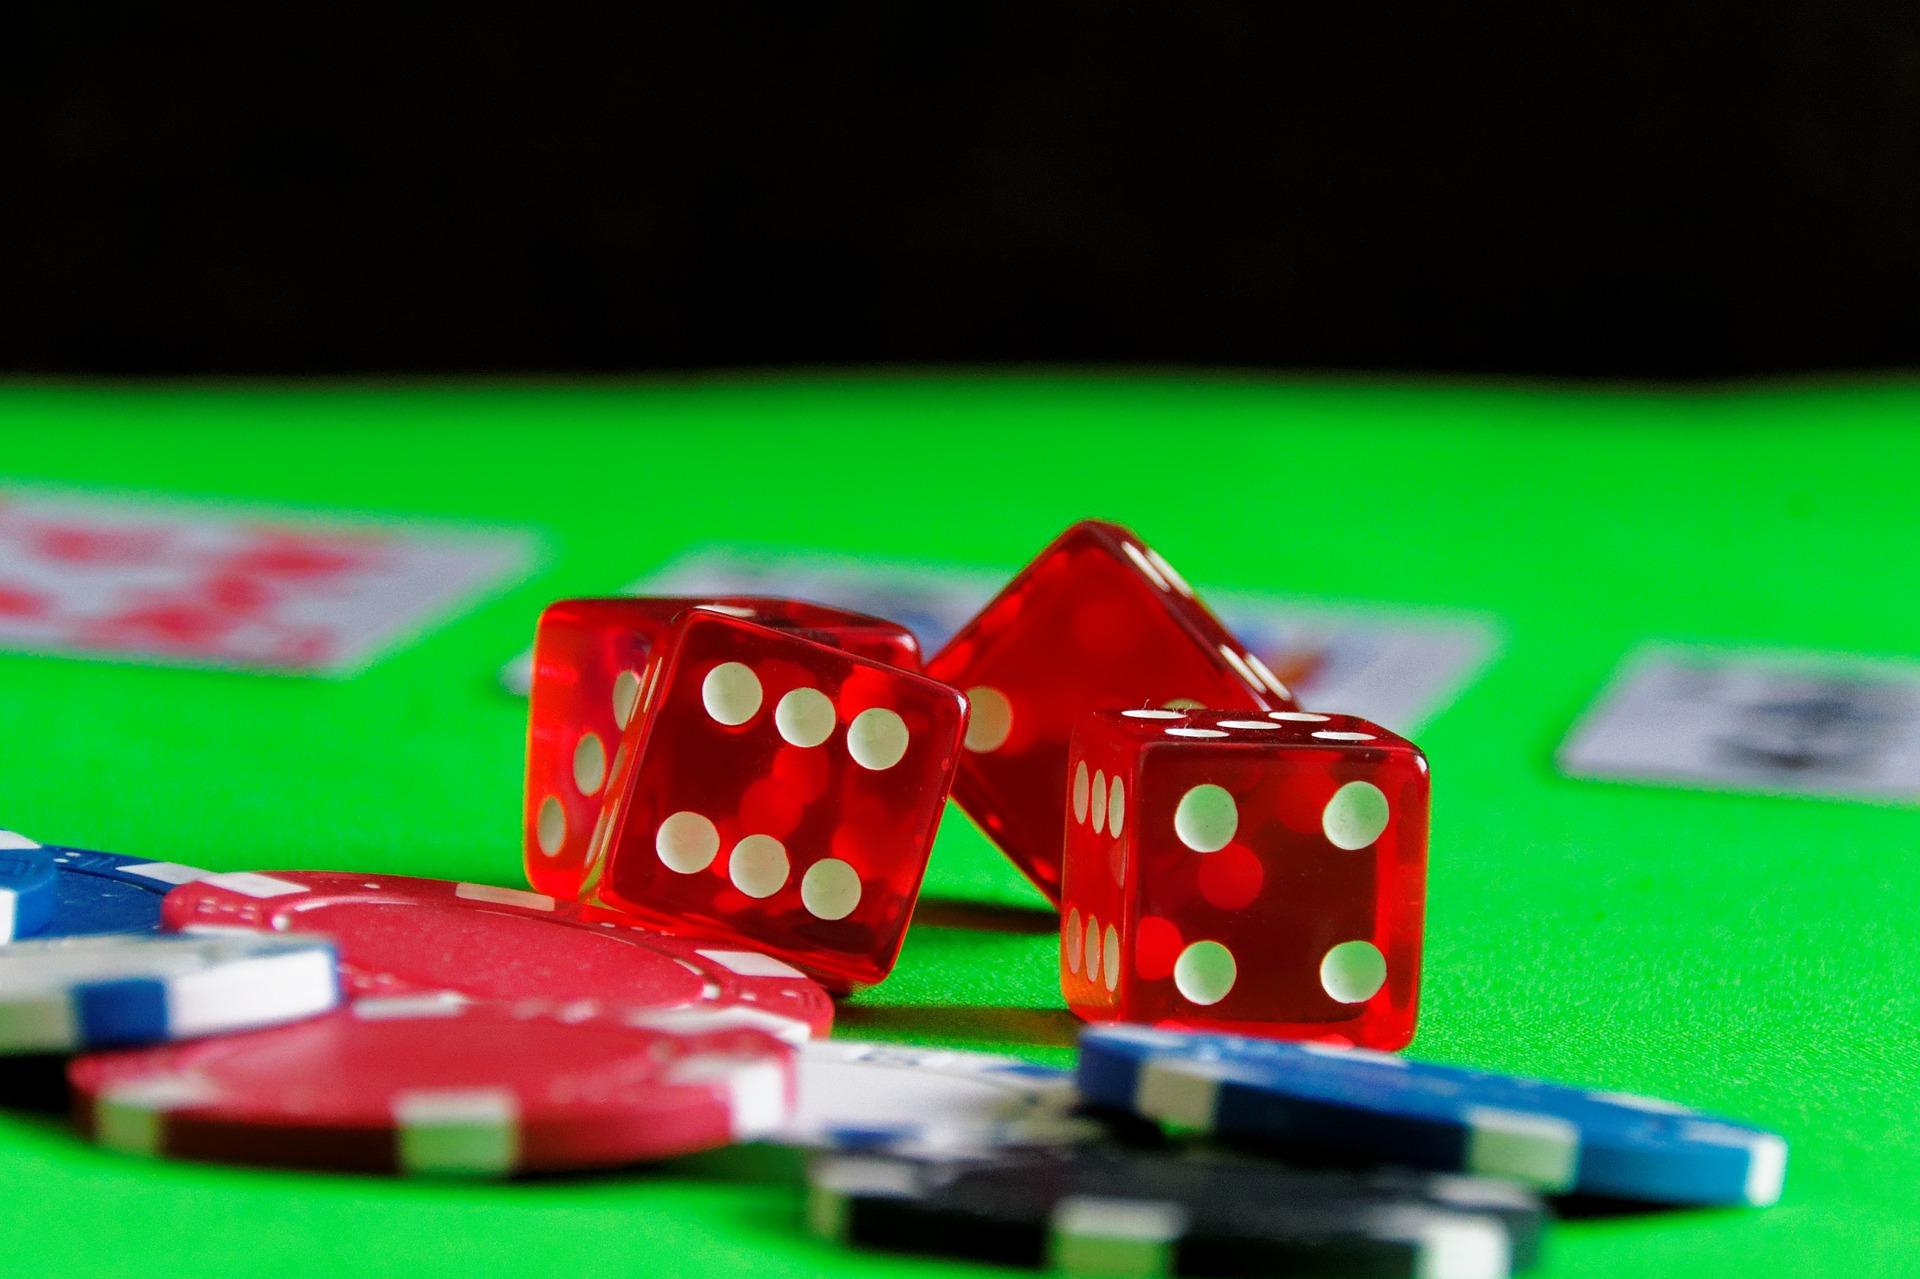 Ganhar dinheiro apostando online formas de aposta online